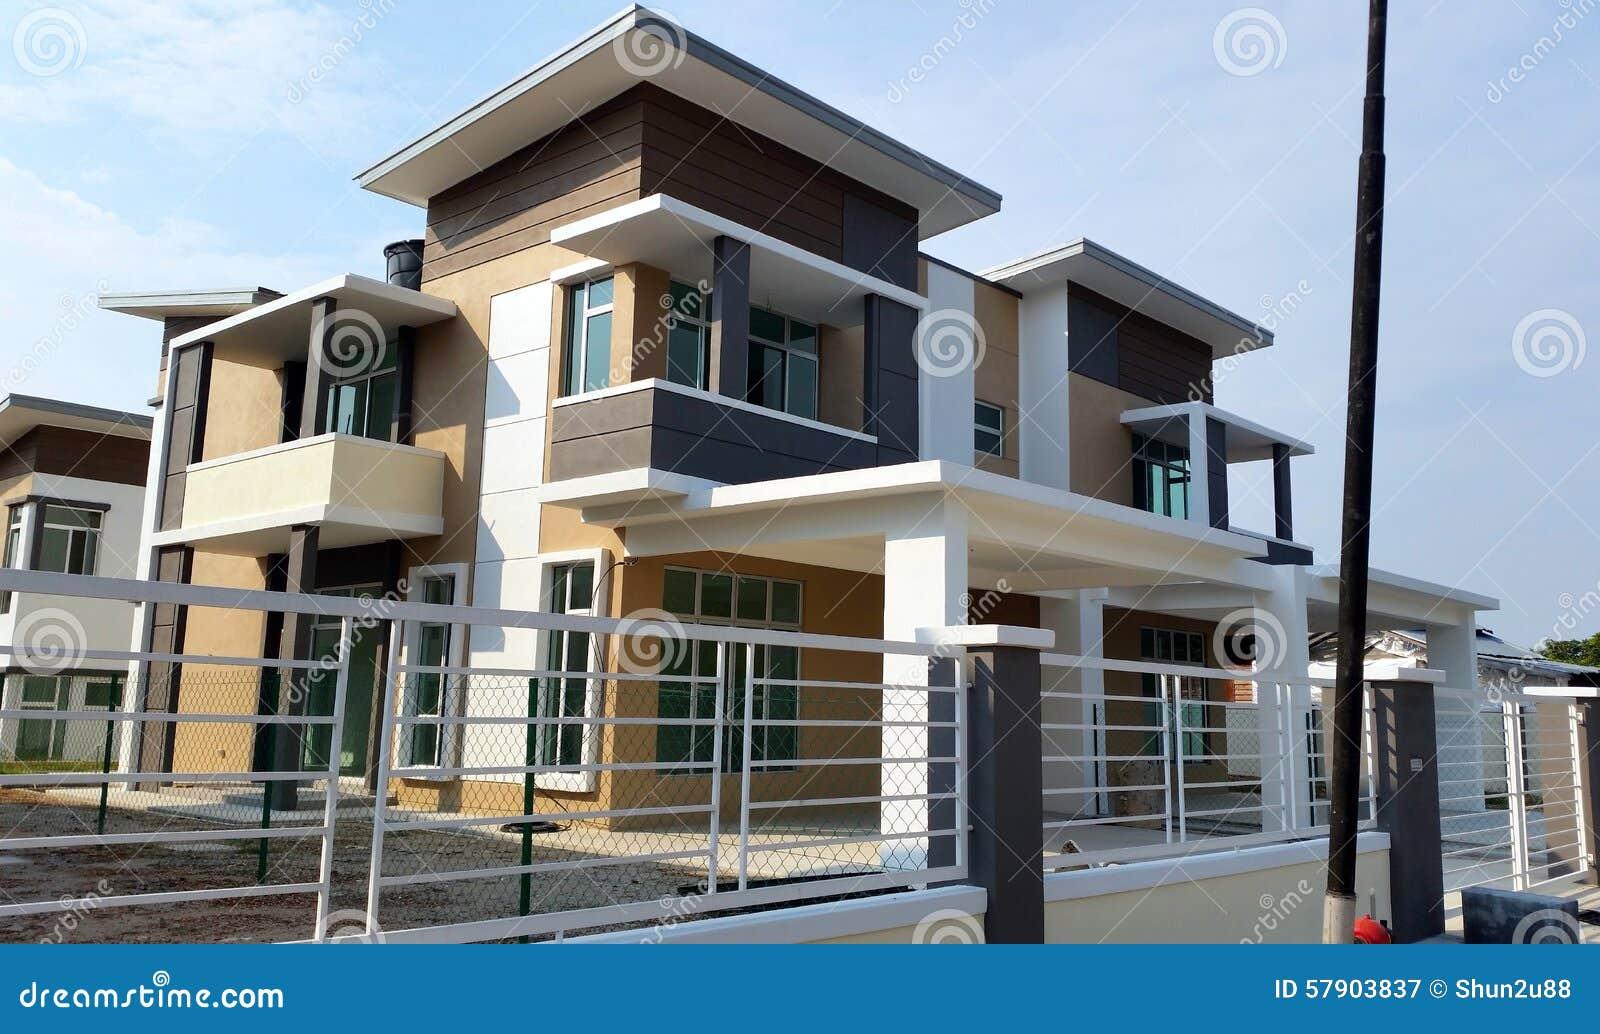 Bungalow-Haus-Äußeres stockbild. Bild von architektur - 57903837